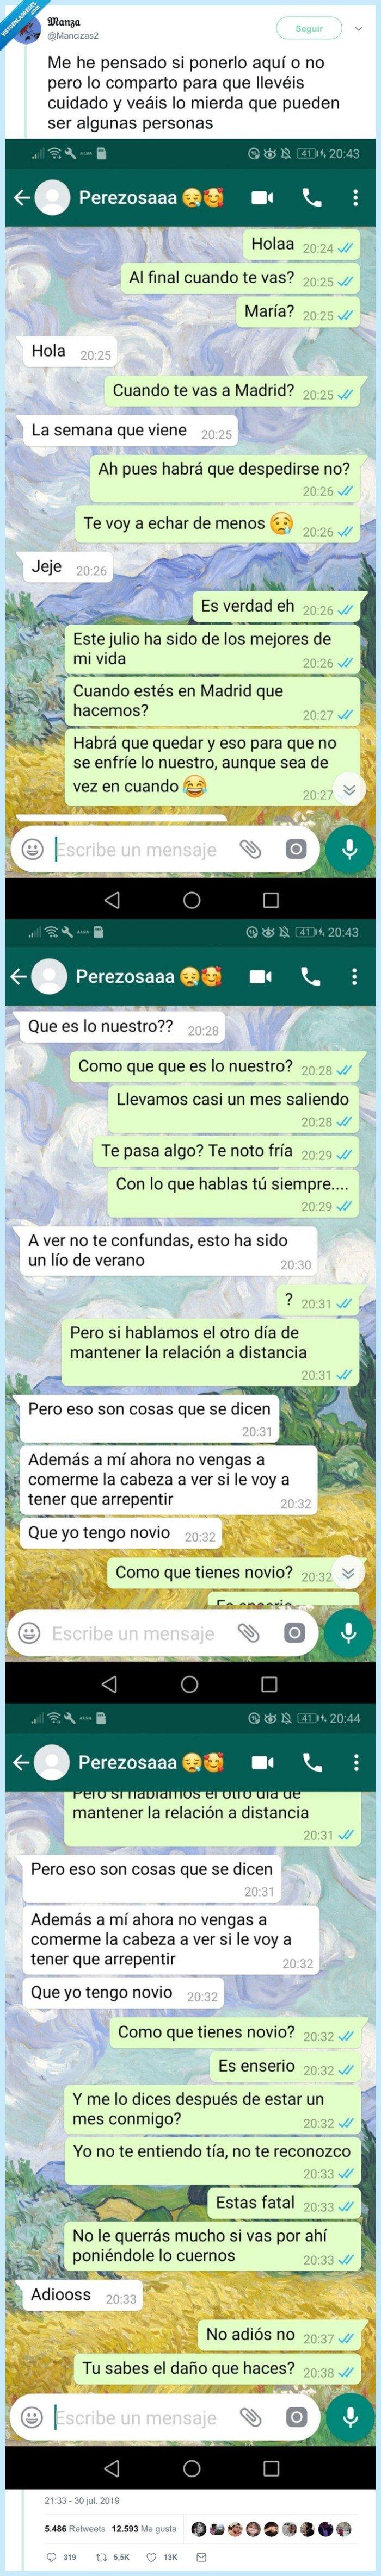 amor,amor de verano,cuernos,whatsapp